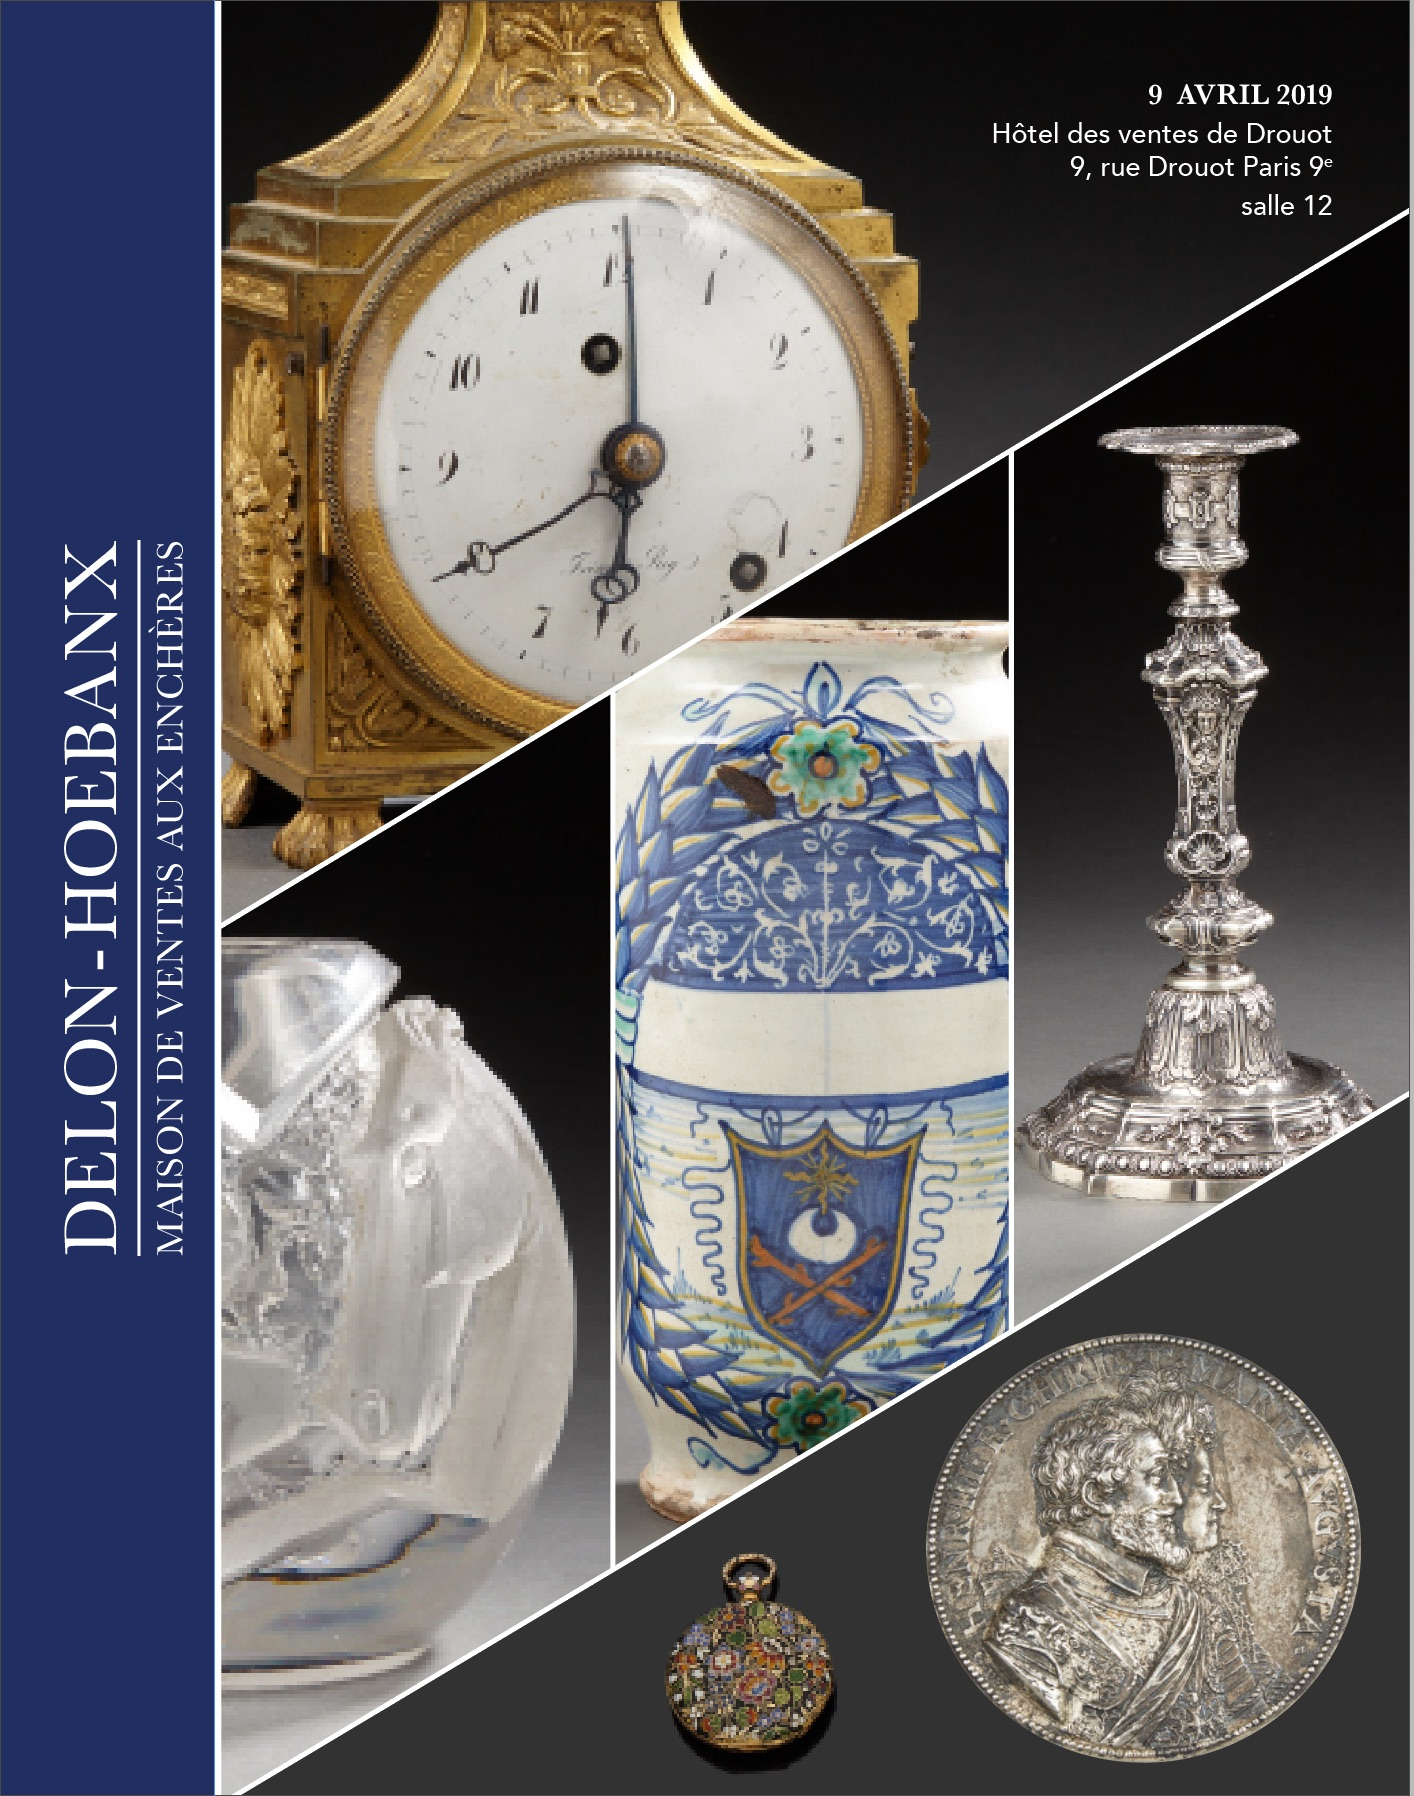 Vente Bijoux, Horlogerie, Objets de Vitrine, Objets d'Arts, Orfèvrerie, Numismatique chez Delon-Hoebanx : 334 lots